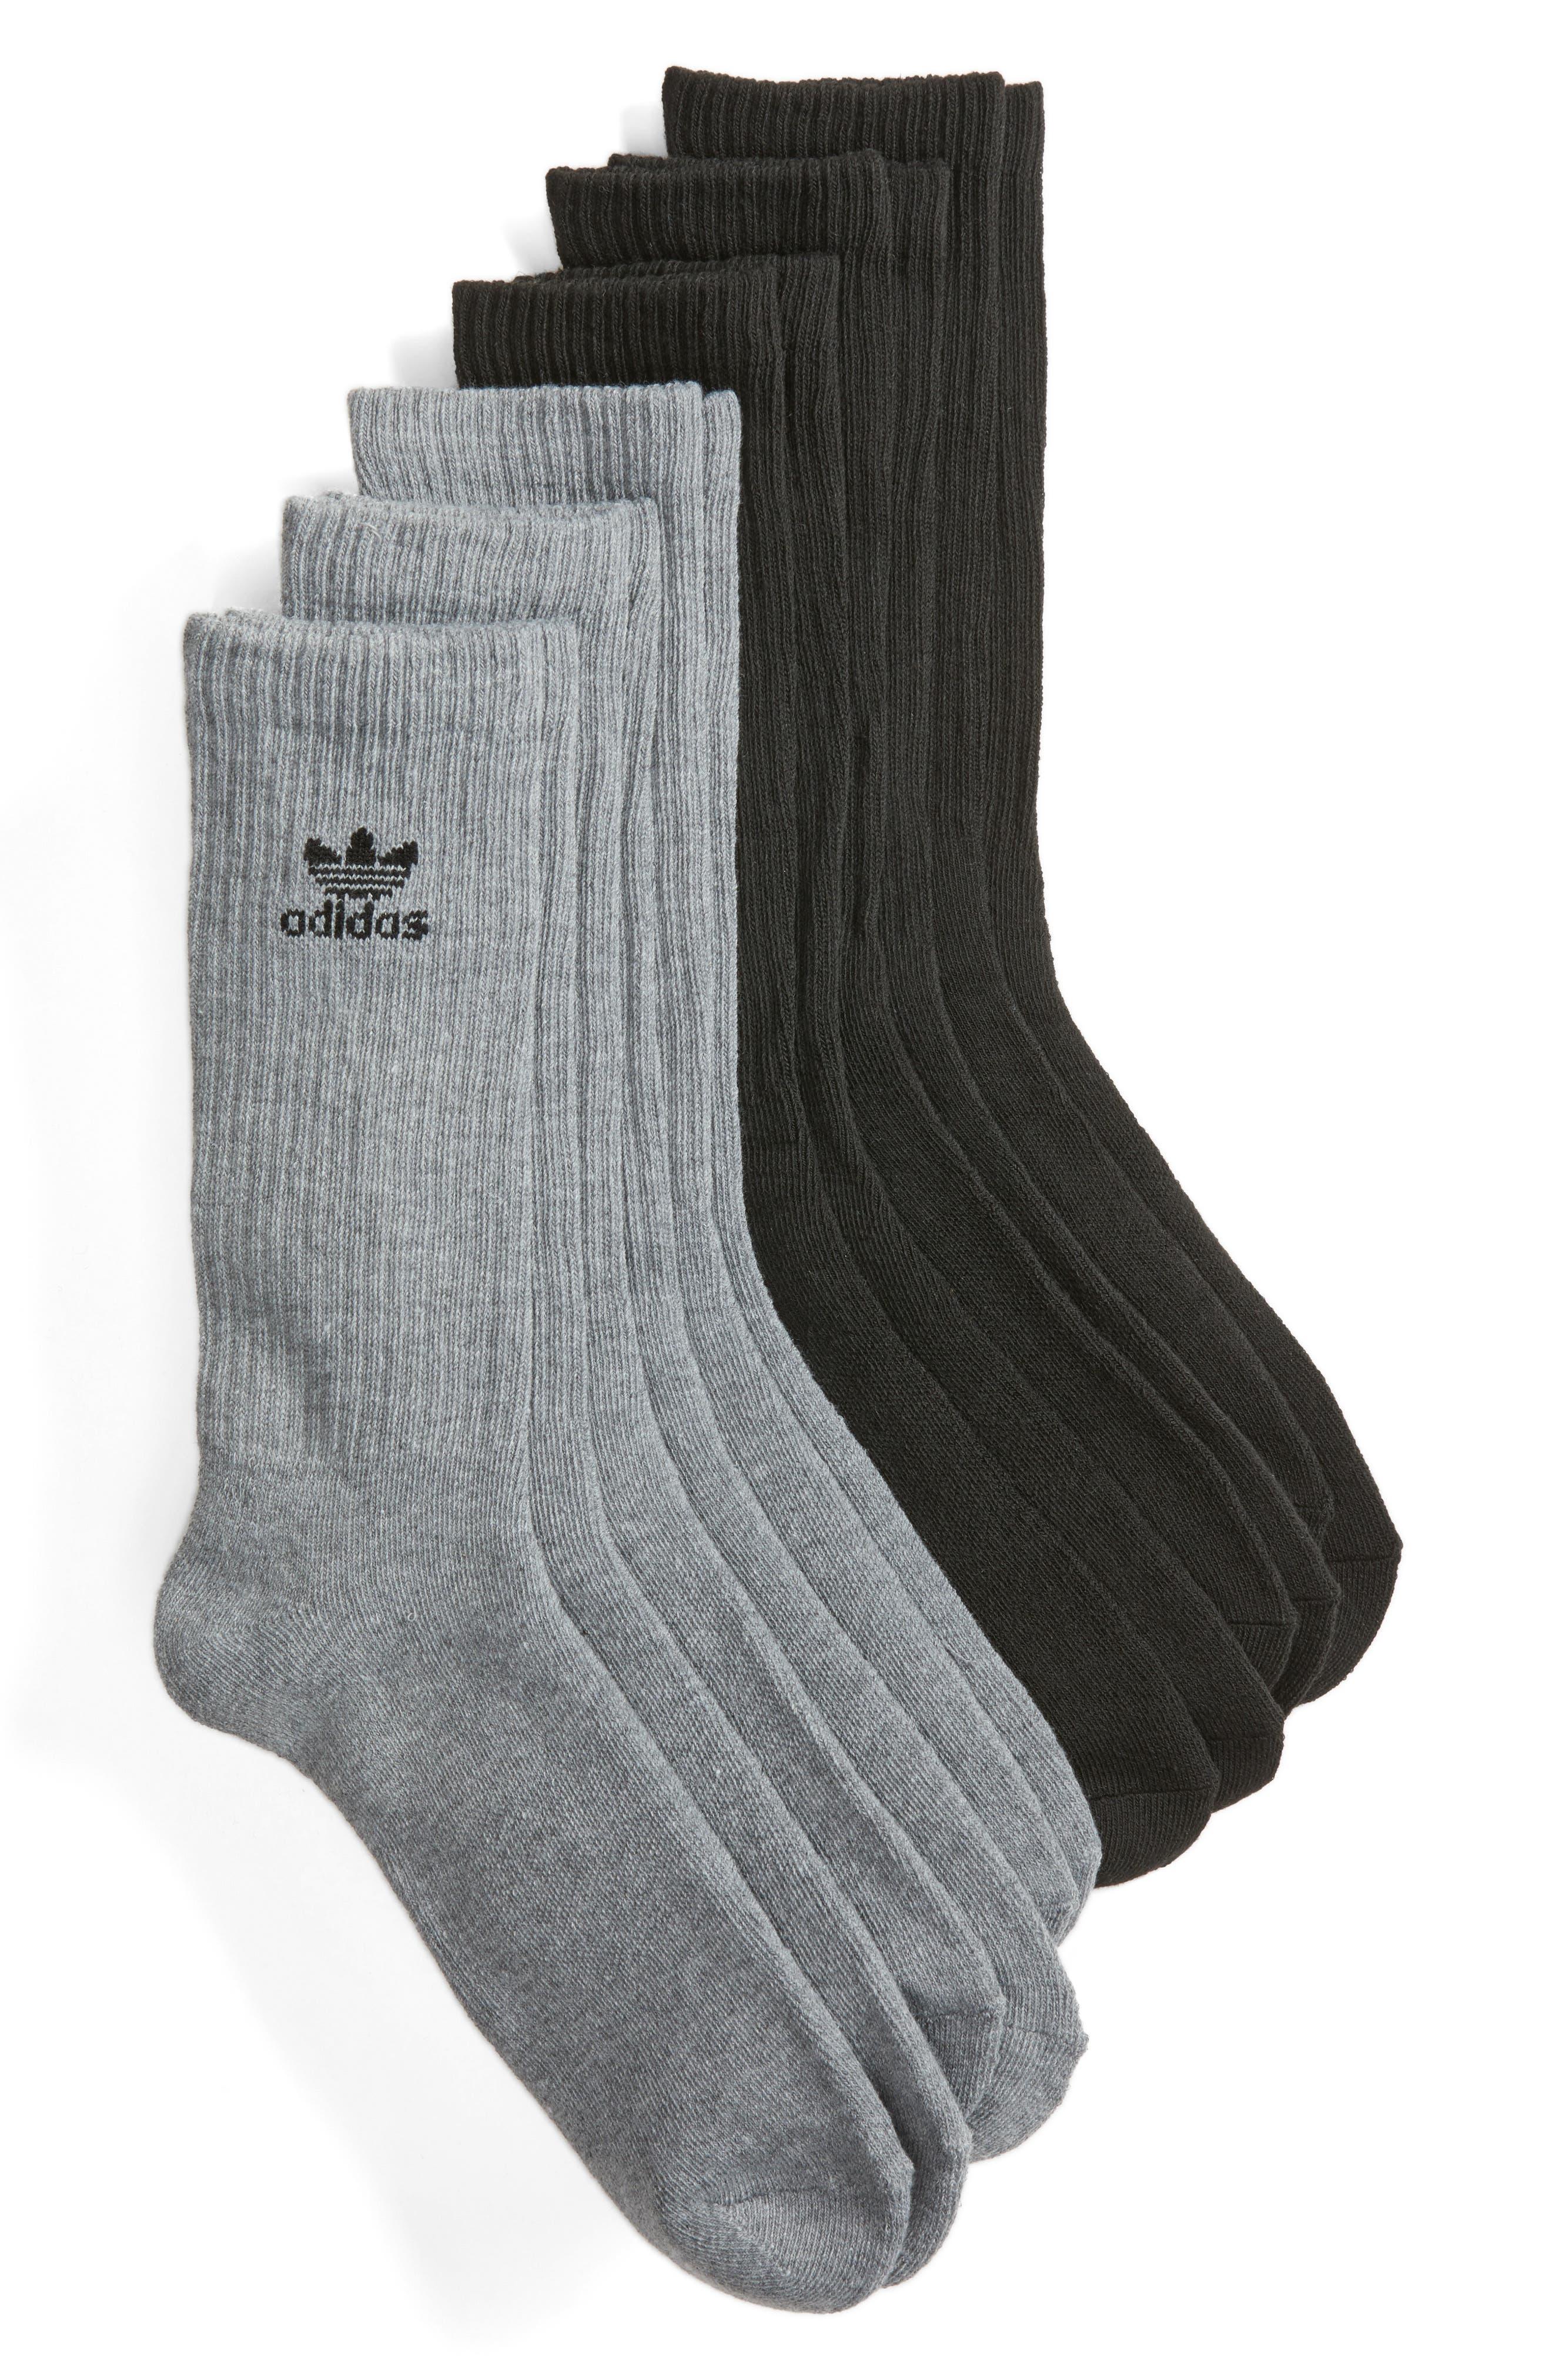 Alternate Image 1 Selected - adidas Originals 6-Pack Original Trefoil Crew Socks